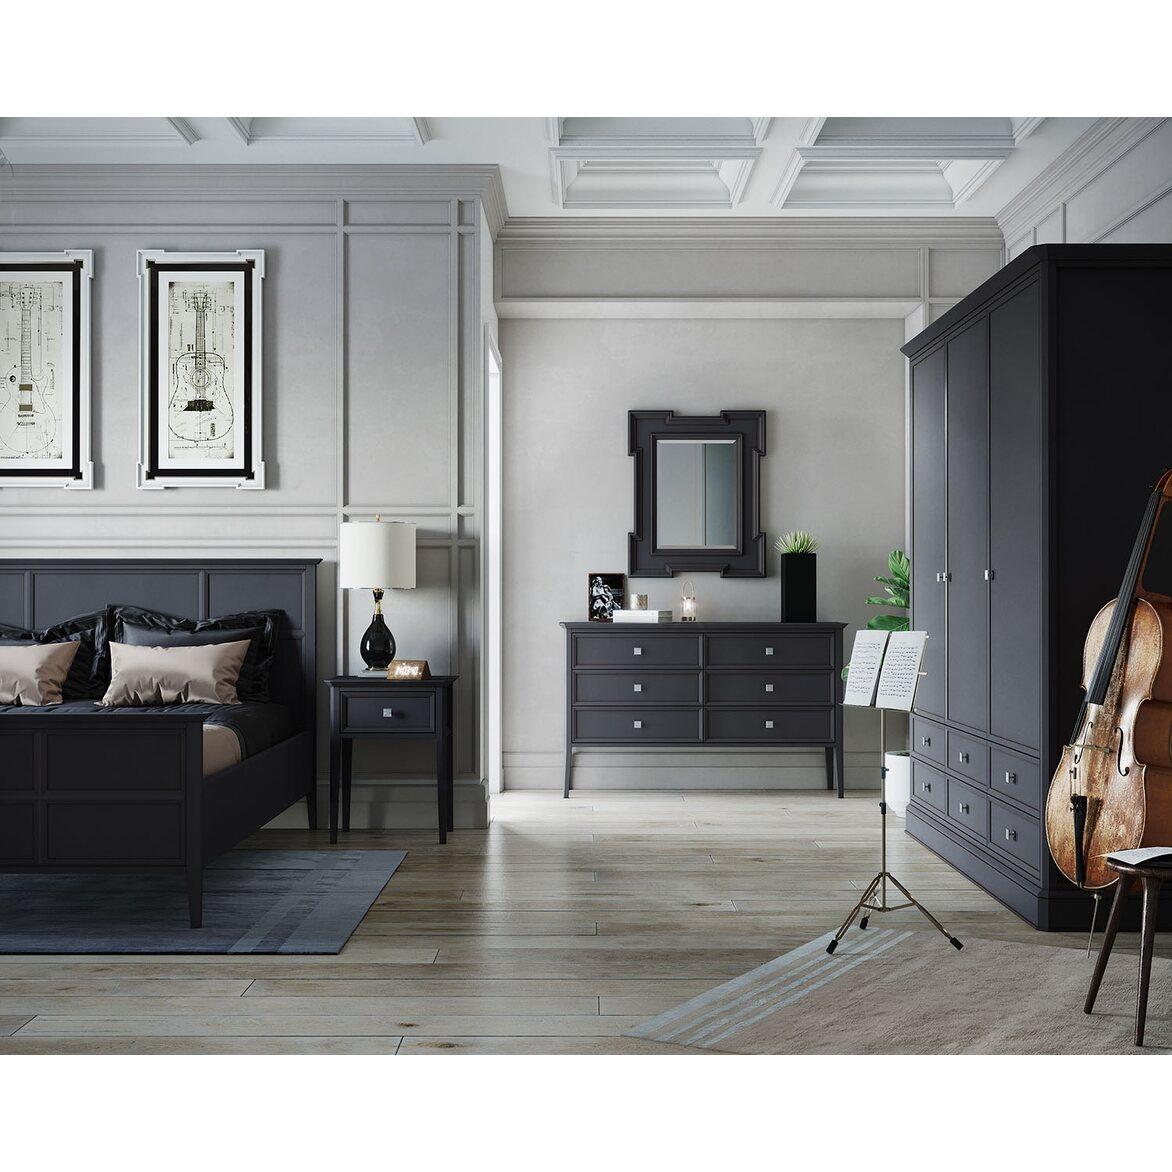 Кровать 160*200 Ellington, черная 4 | Двуспальные кровати Kingsby